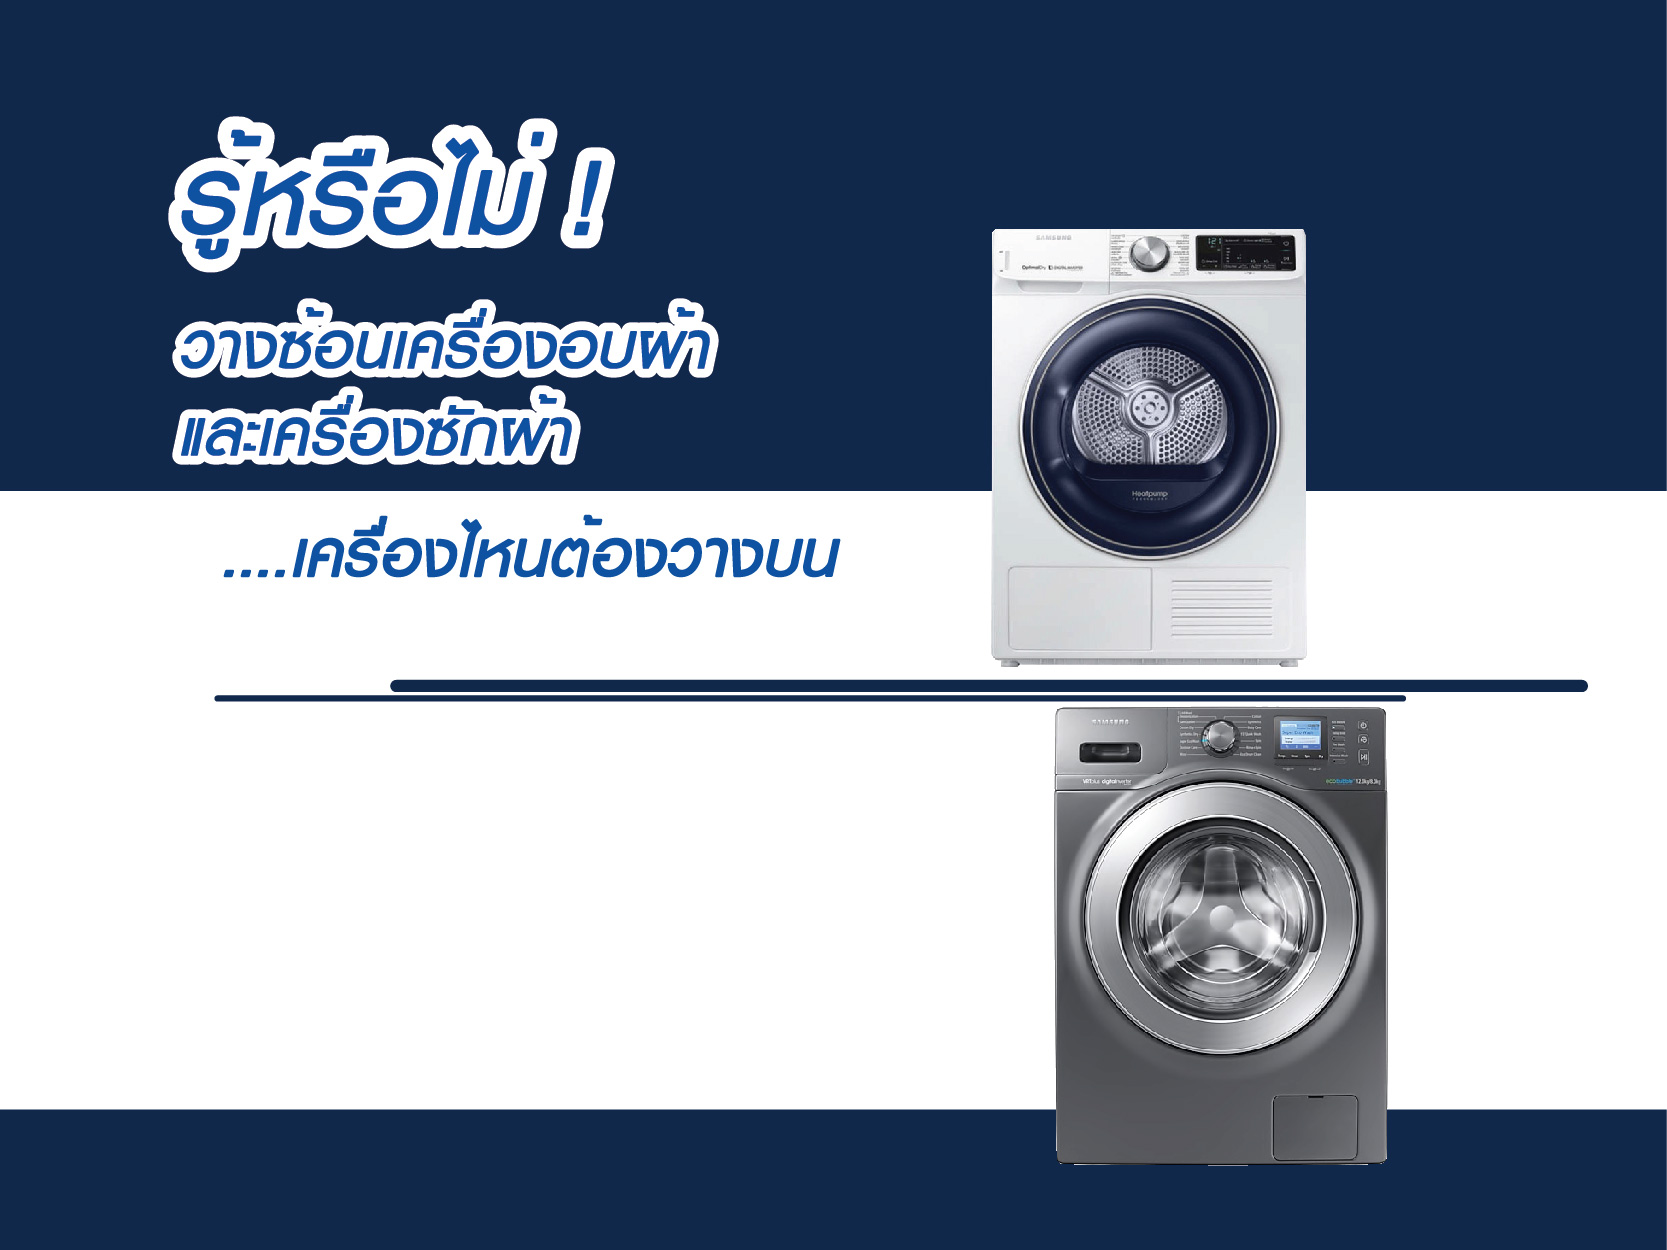 รู้หรือไม่ วางซ้อนเครื่องอบผ้า และเครื่องซักผ้า เครื่องไหนต้องวางบน